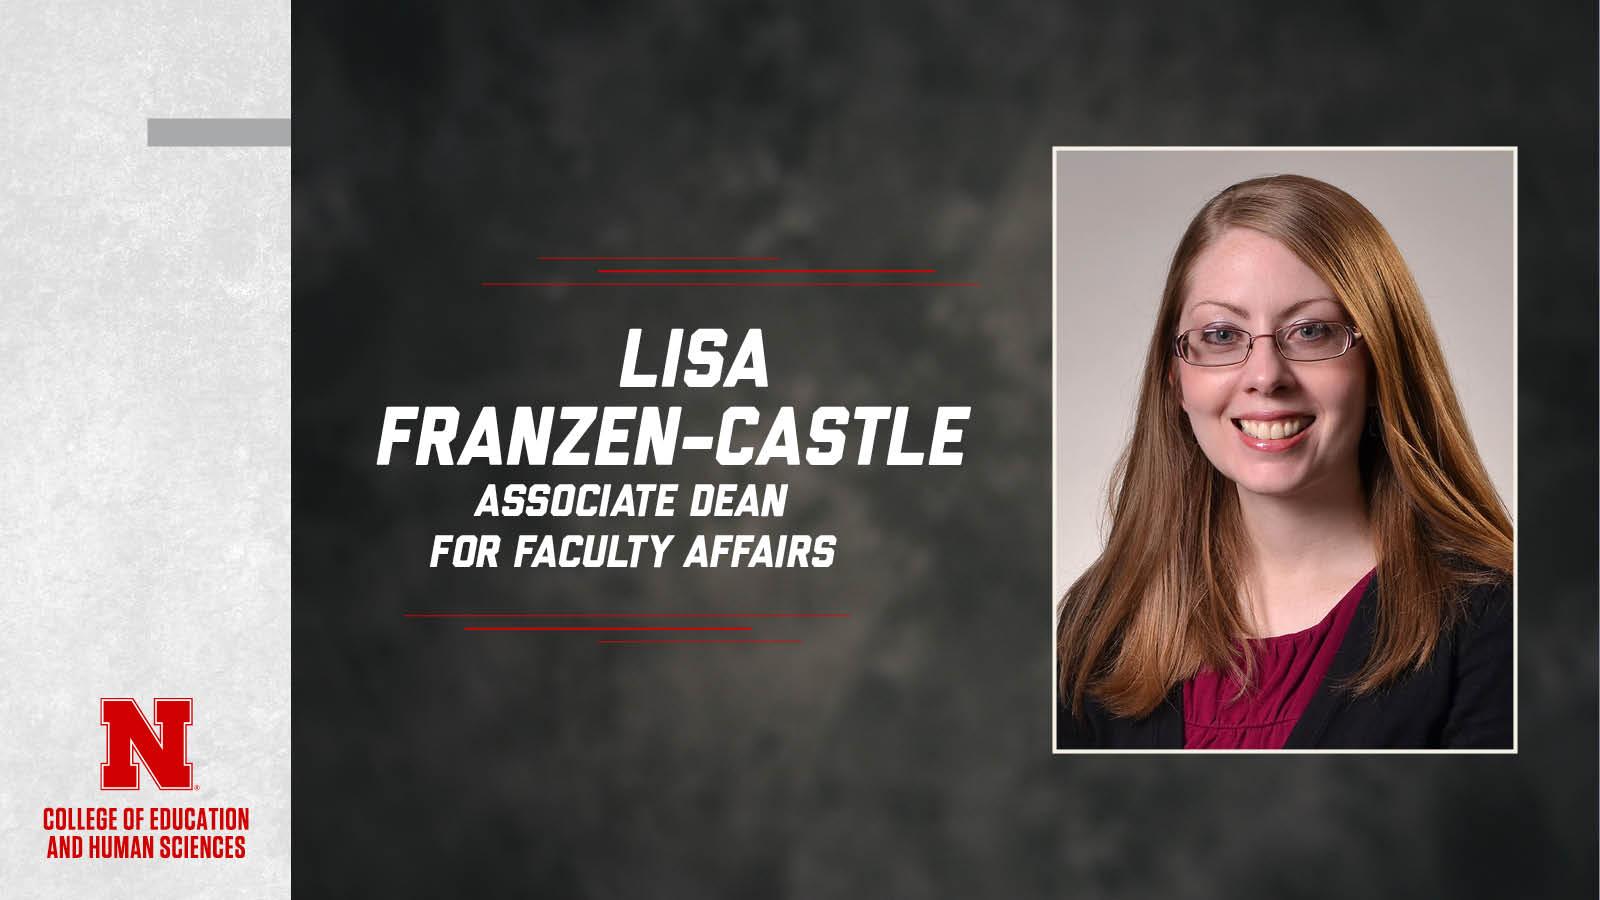 Lisa Franzen-Castle